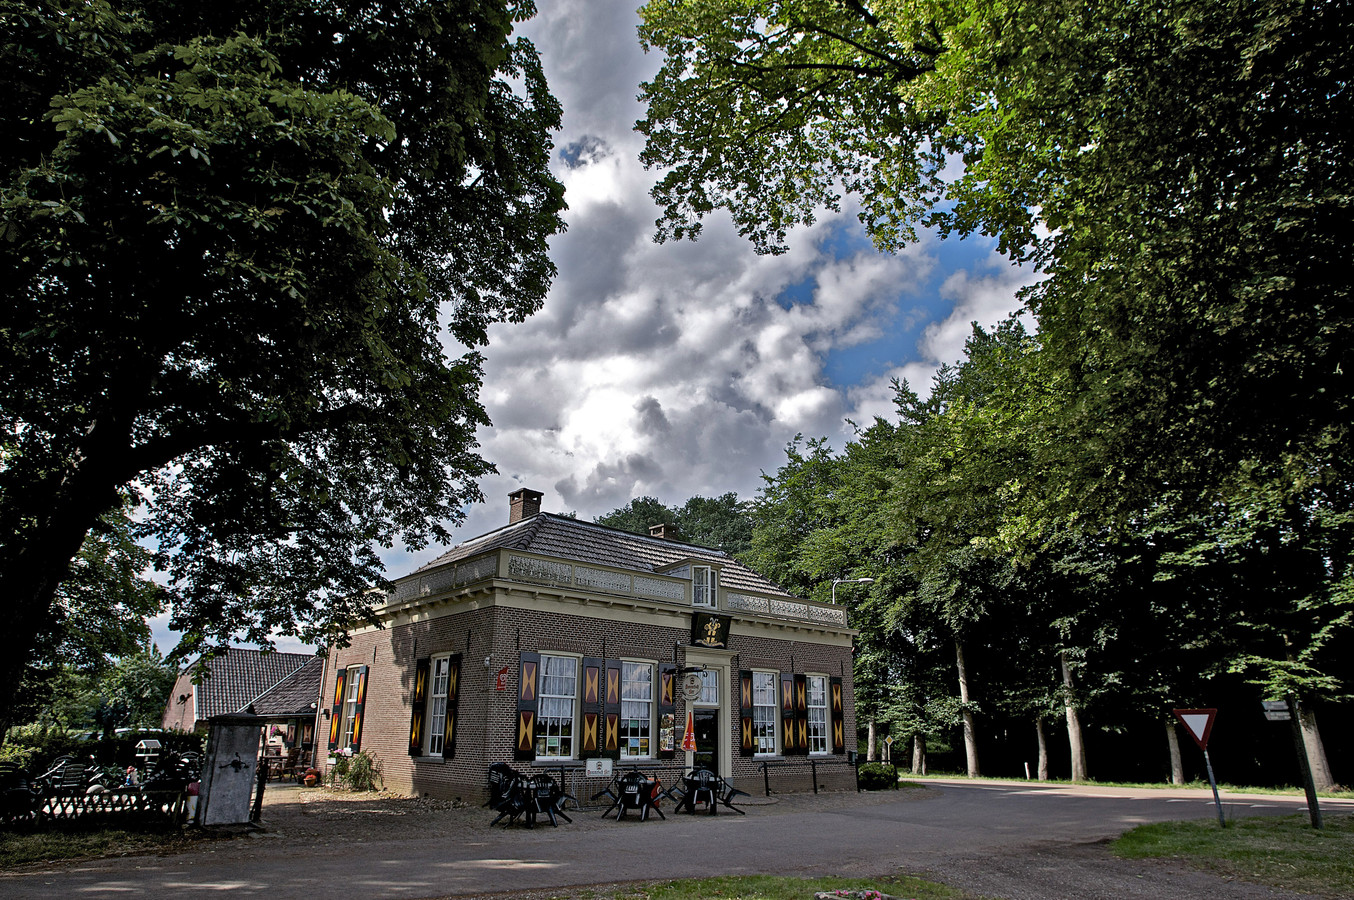 Het Wapen van Heeckeren is een rijksmonumentaal pand op een prominente plek langs de weg tussen Hummelo en Zelhem.